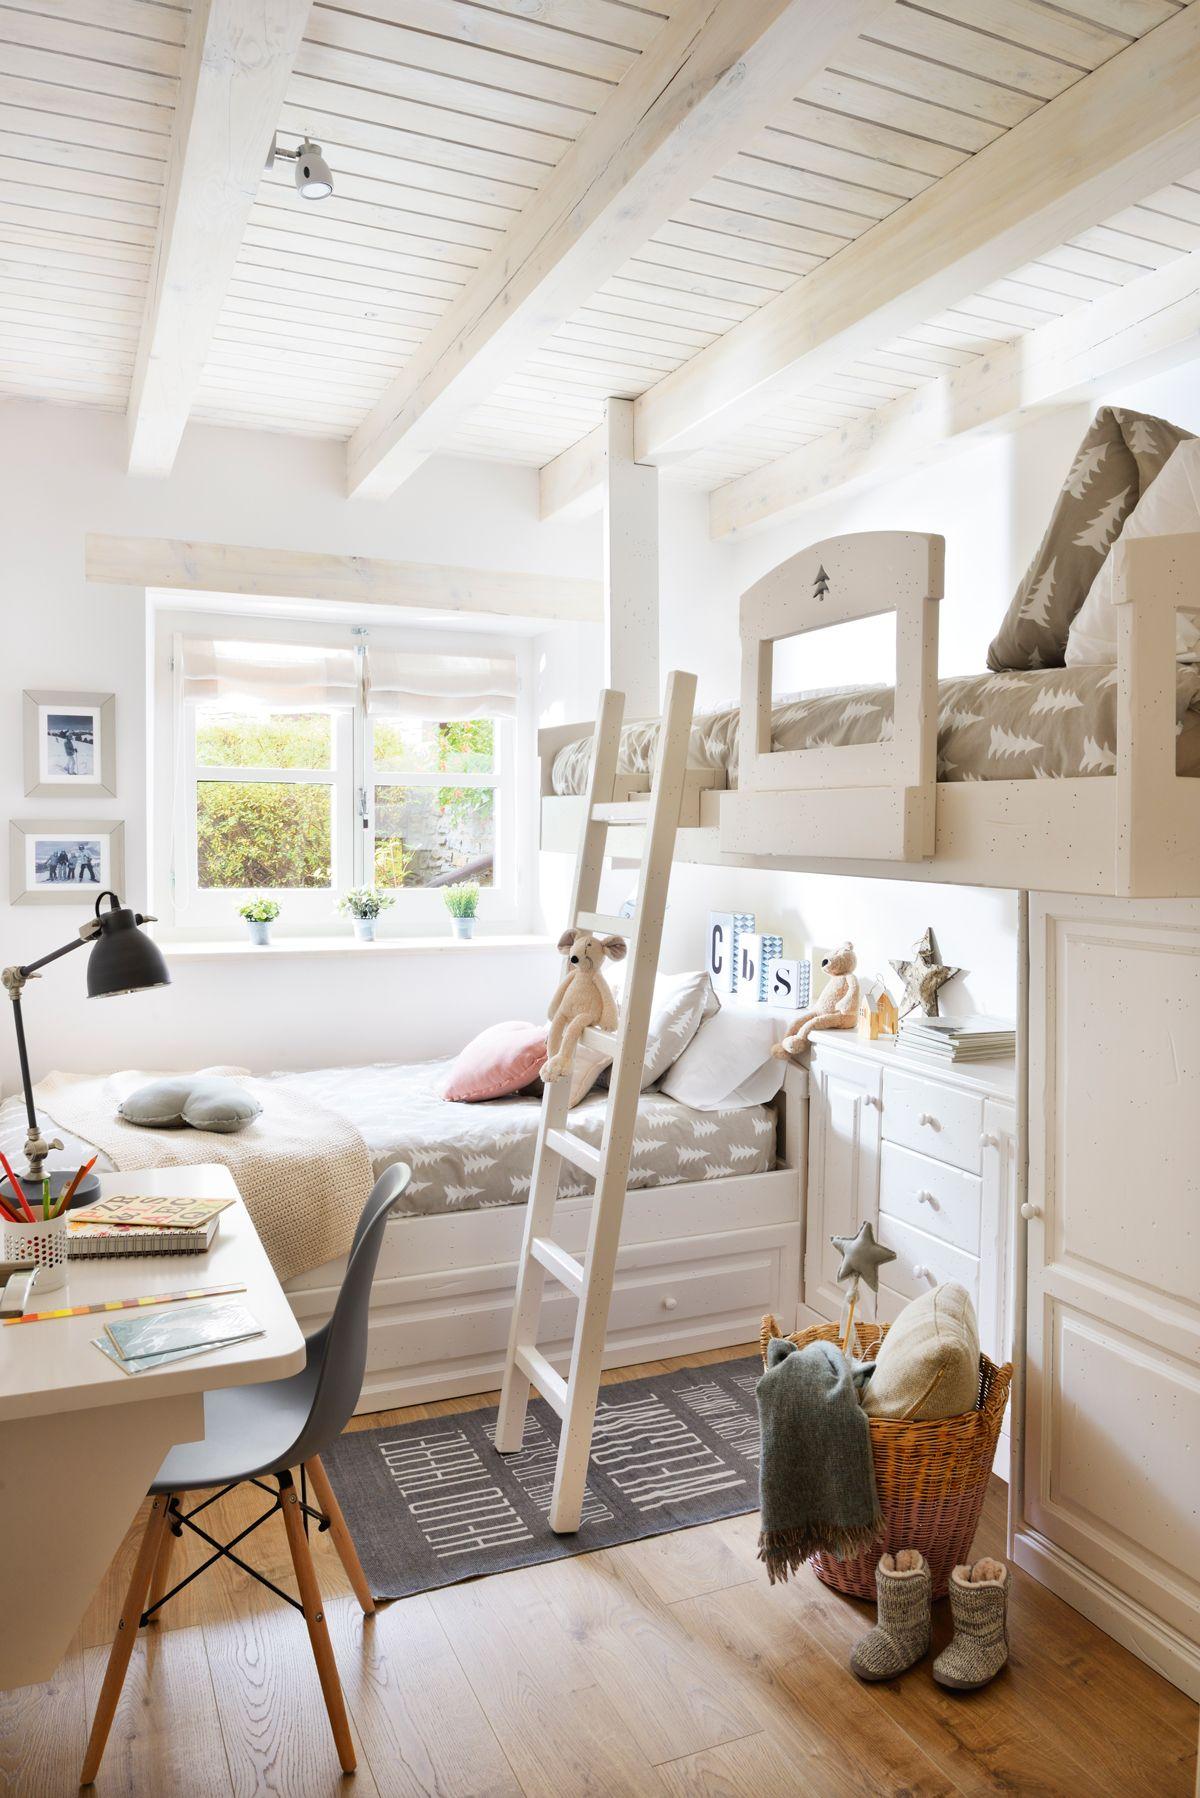 Deco m gica habitaciones infantiles bonitas y ordenadas for Cama habitacion infantil